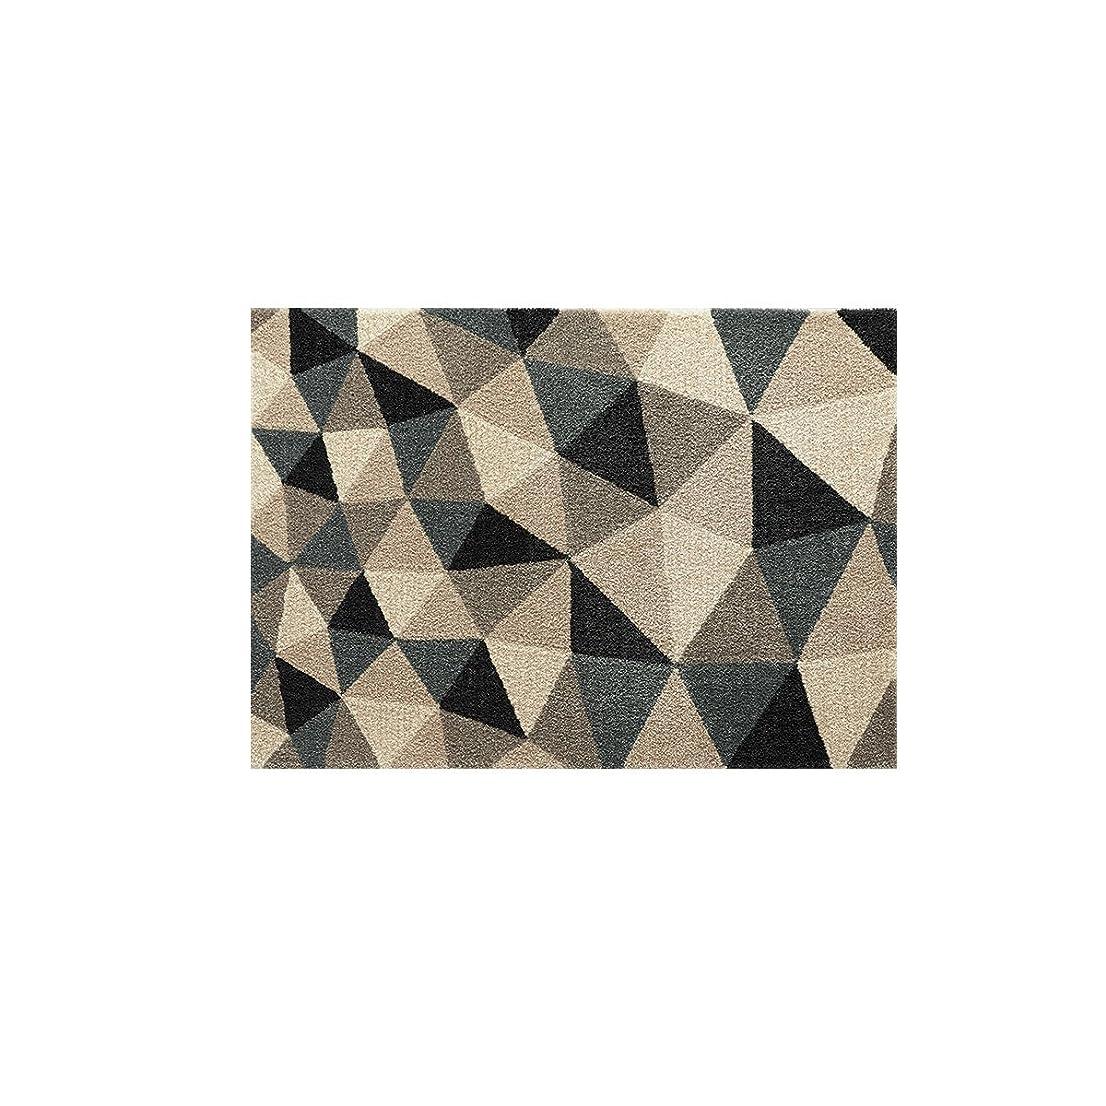 ポンド排気ジェットブラック/ラグマット 幾何パターン 三角形 モダン 上品 気品 落ち着き クール かっこいい 品性 ラグ